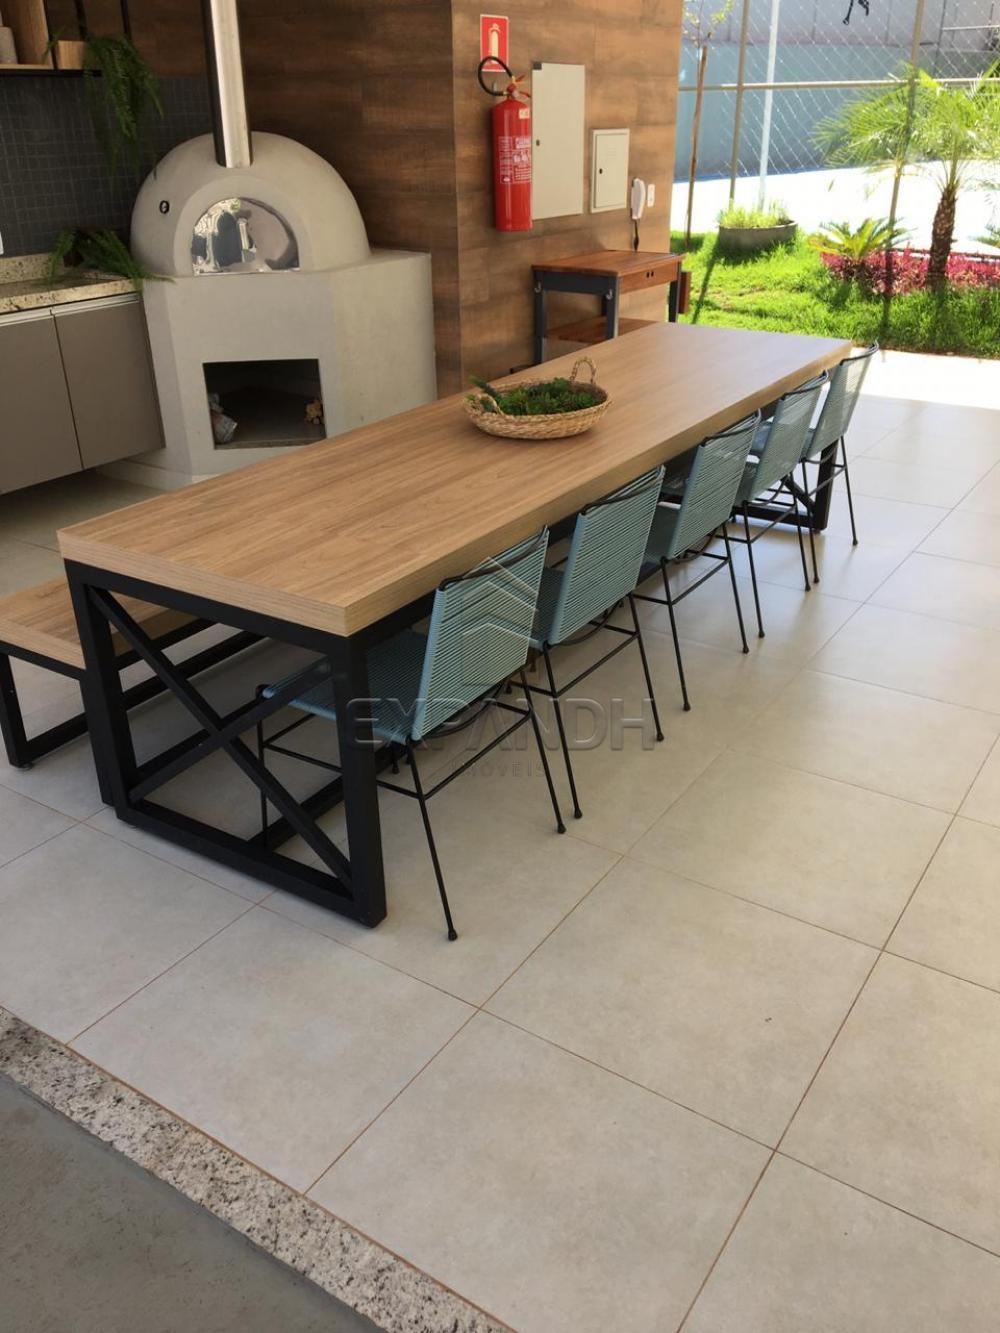 Alugar Apartamentos / Padrão em Sertãozinho R$ 600,00 - Foto 44